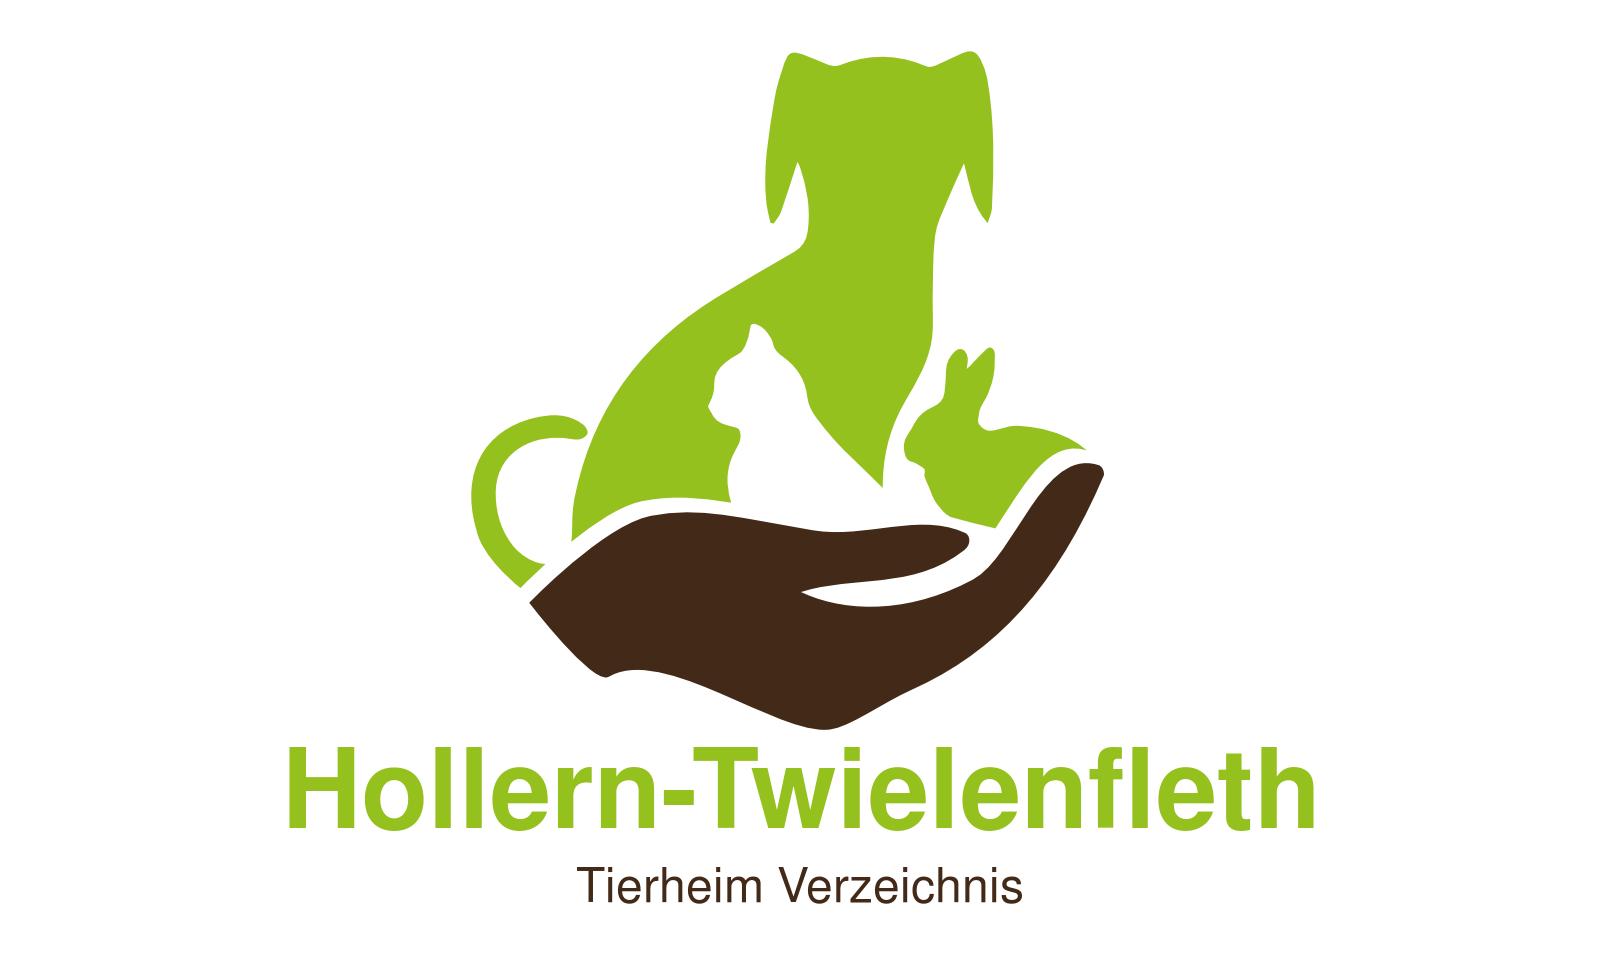 Tierheim Hollern-Twielenfleth